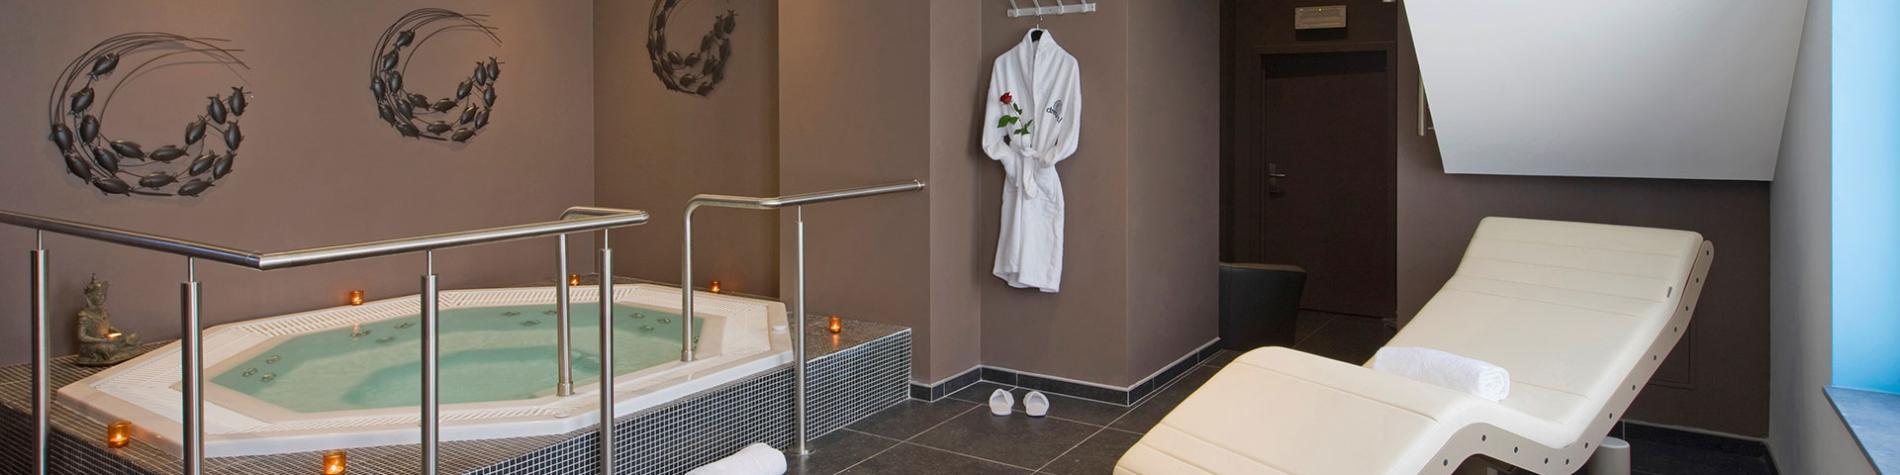 centre wellness avec jacuzzi dans le Martin's Dream Hotel à Mons.